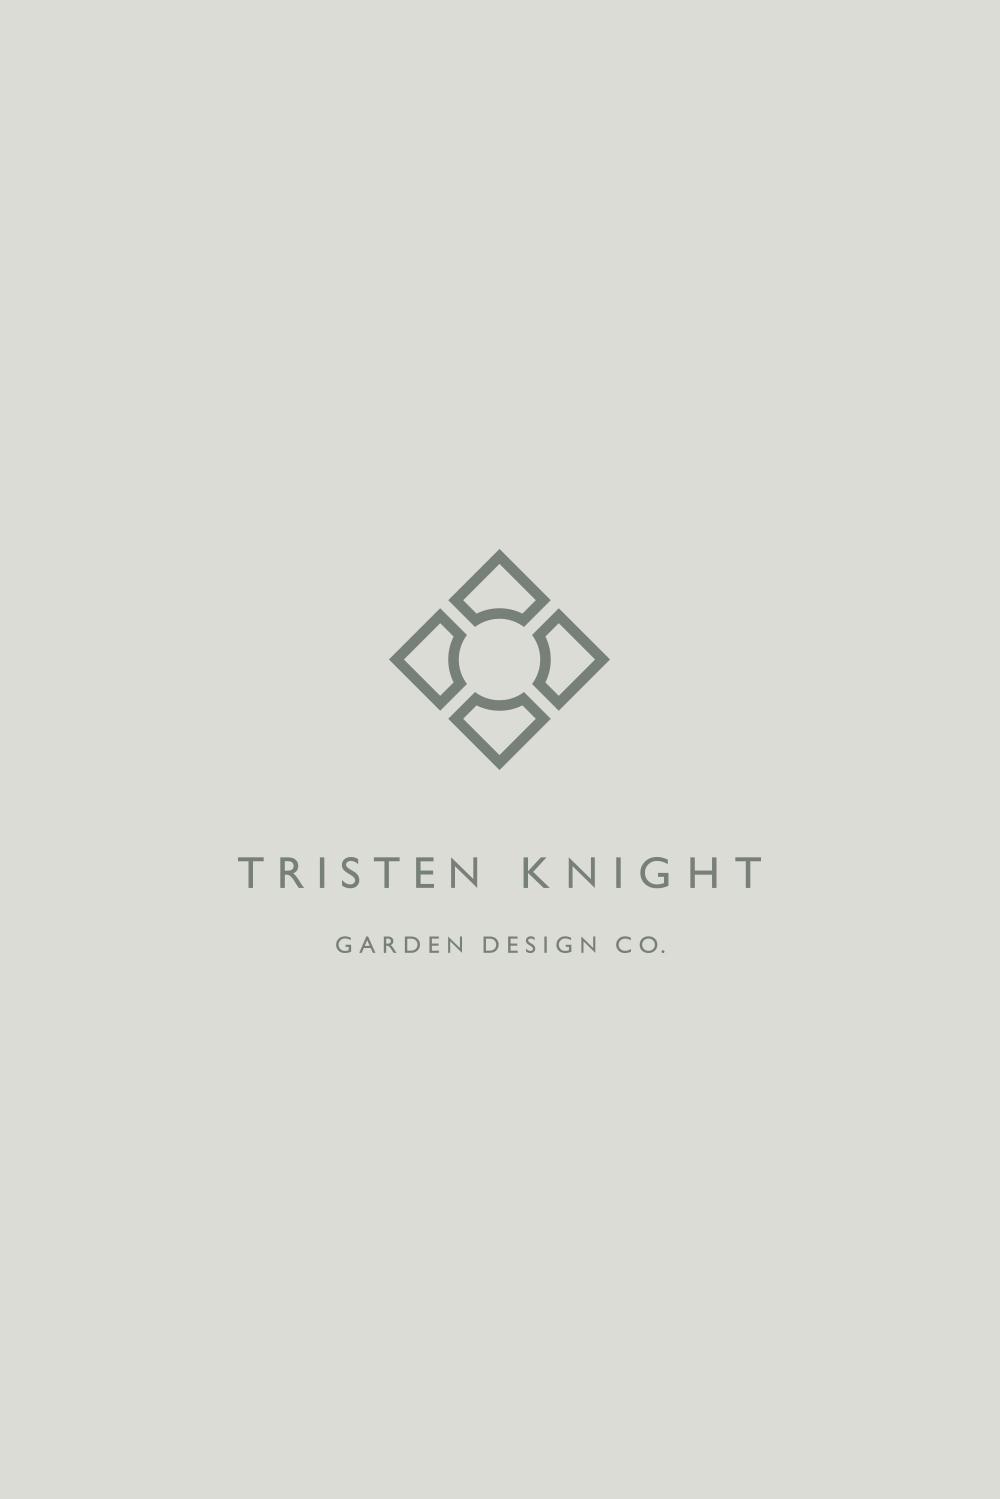 Tristen Knight Garden Design Co. | trudygeorgina.com